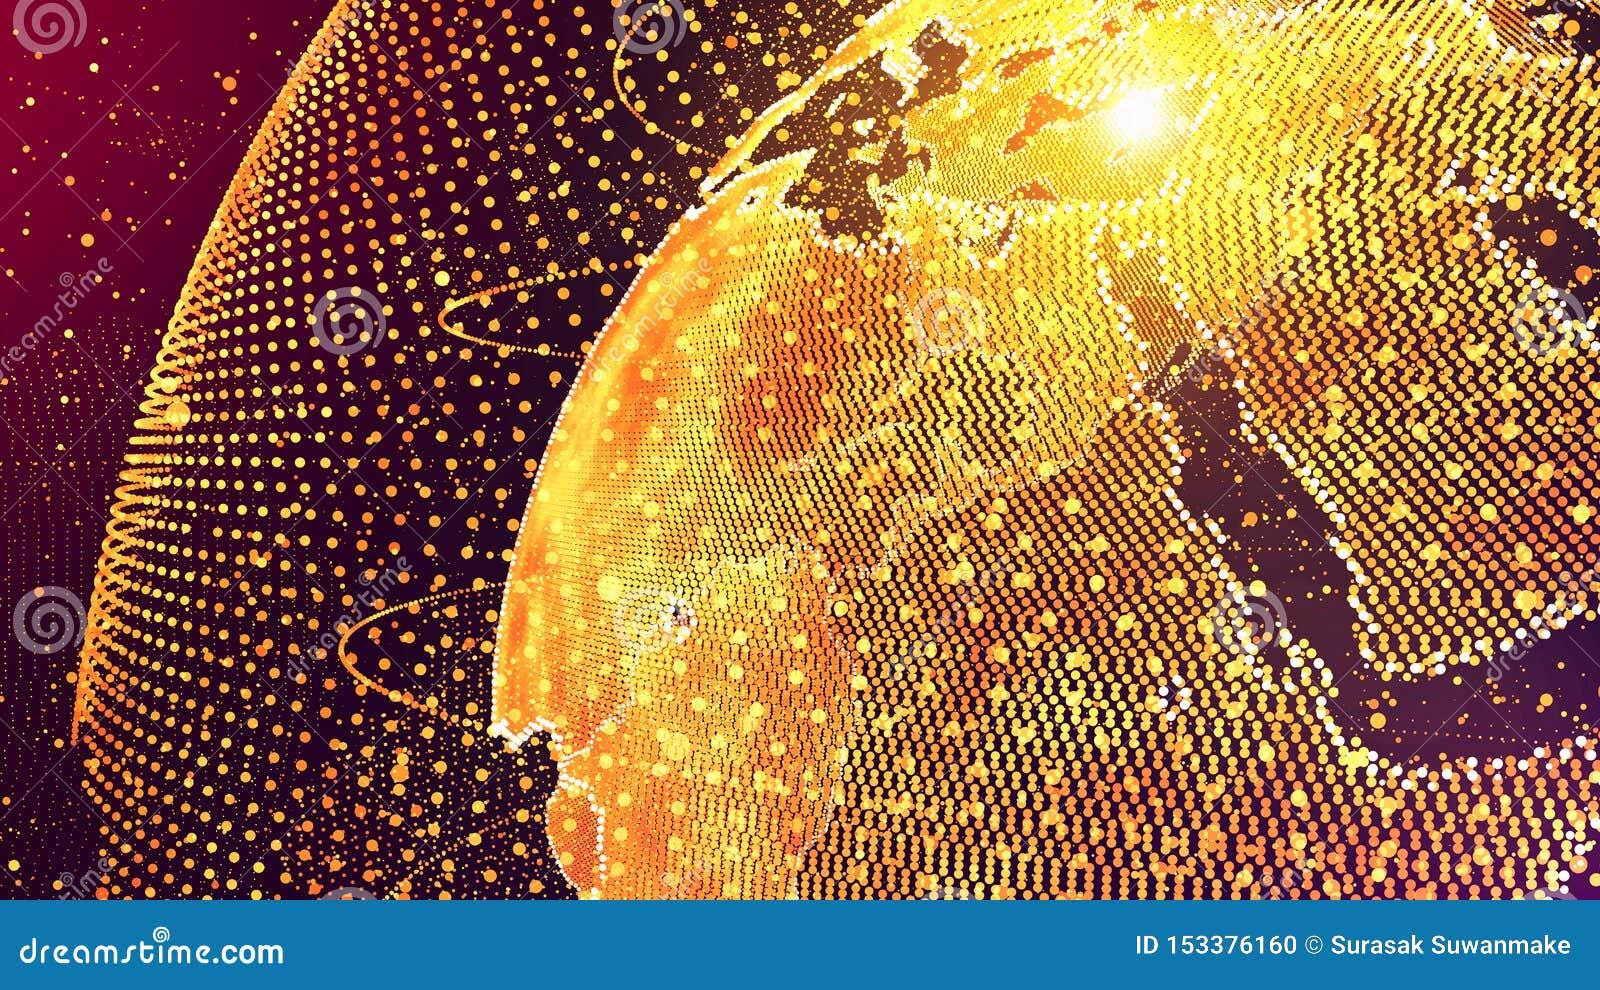 Wereldai concept van het kunstmatige intelligentie het Globale netwerk IOT Internet van dingen Het Globale Communicatienetwerk va